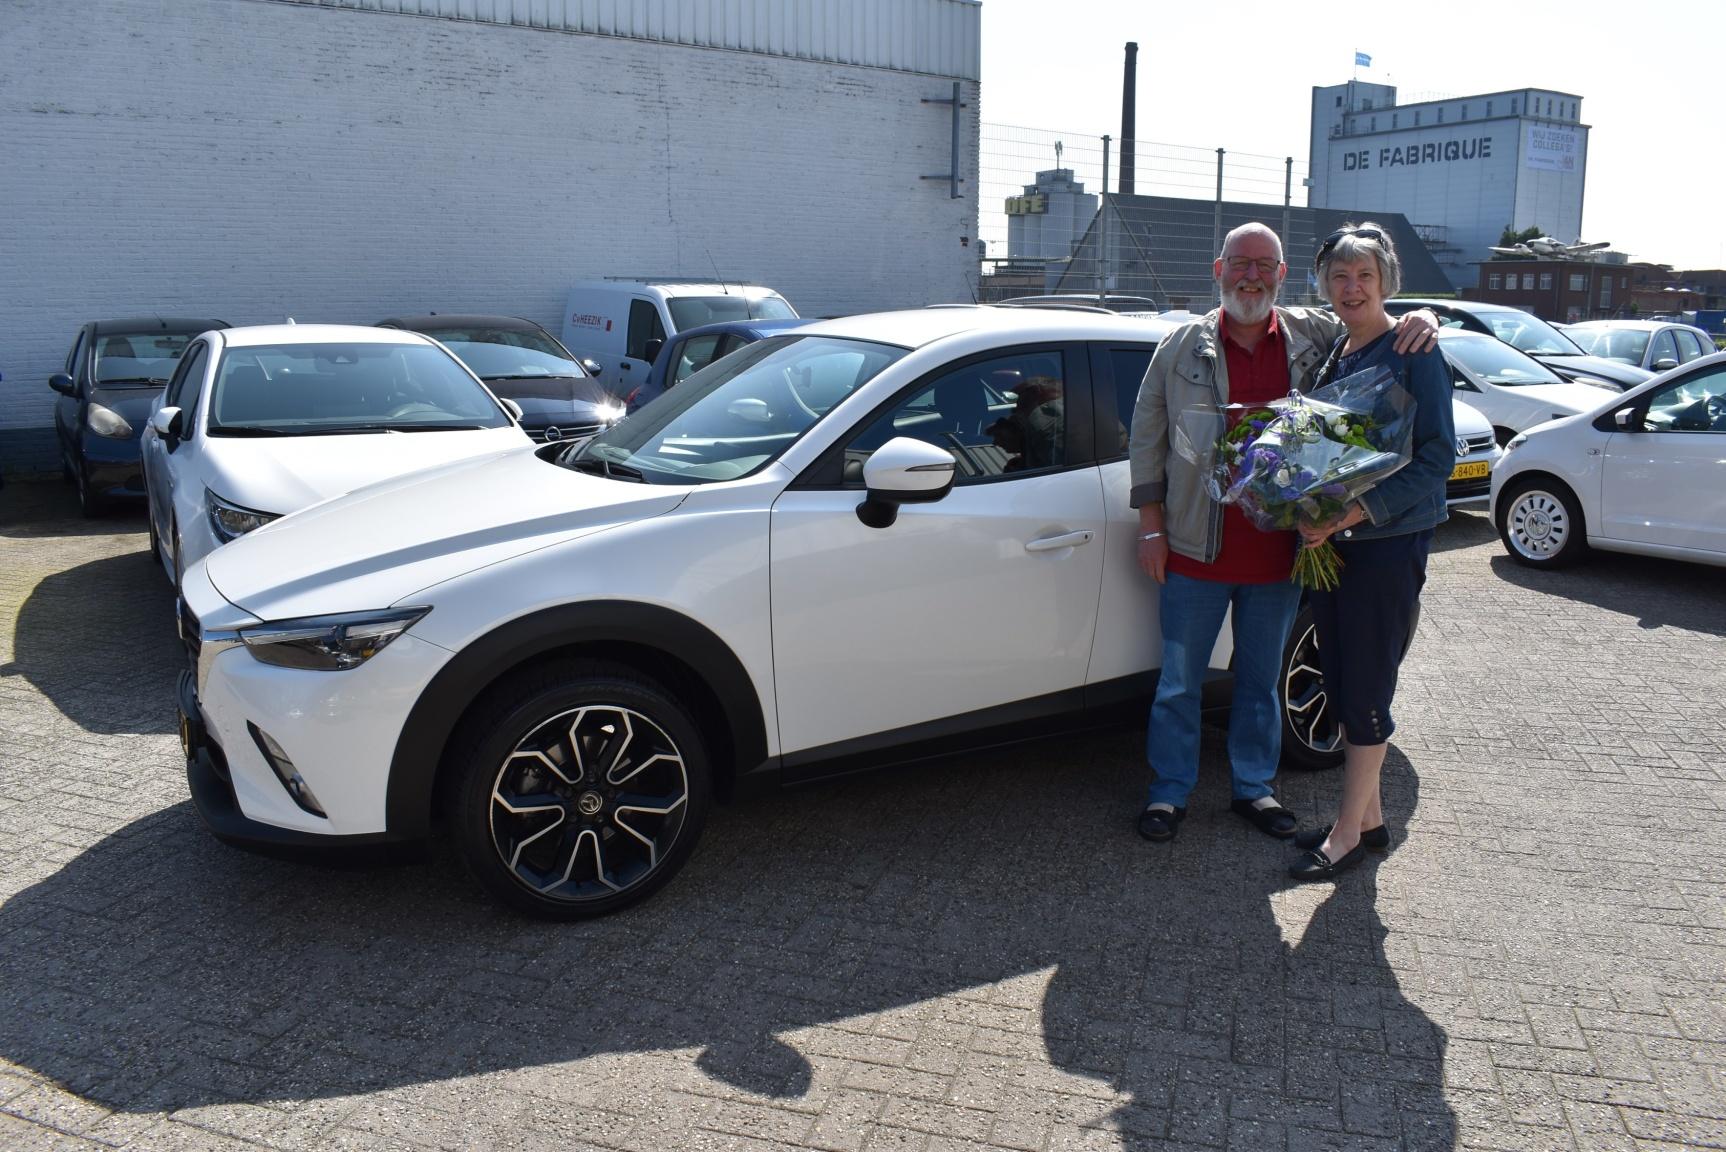 Aflevering Mazda CX-3-2021-09-08 06:39:38